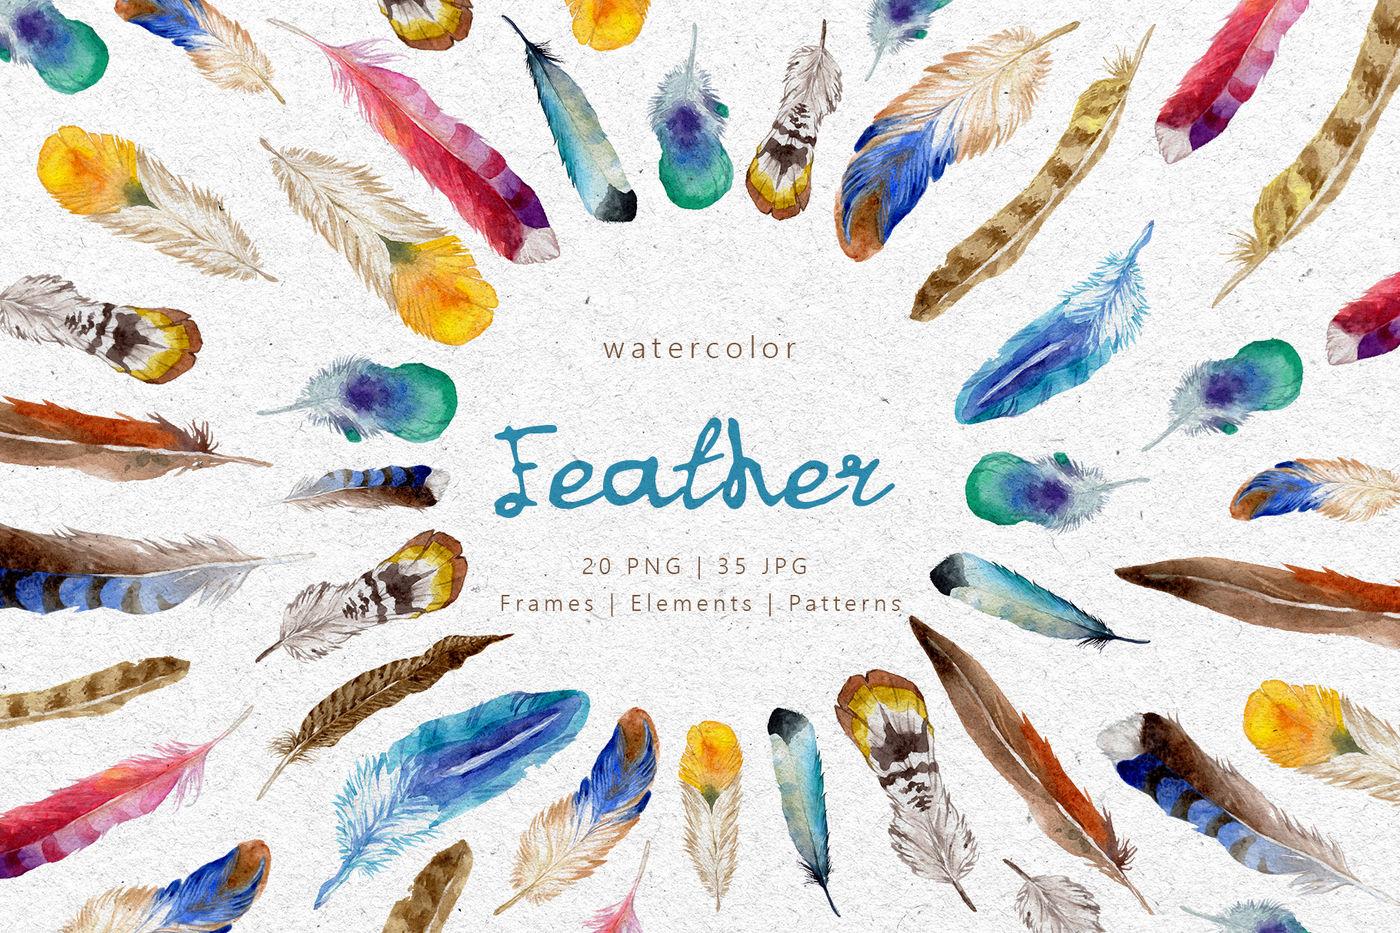 55款羽毛手绘水彩剪贴画PNG免抠透明图片素材 Feather Watercolor Png插图